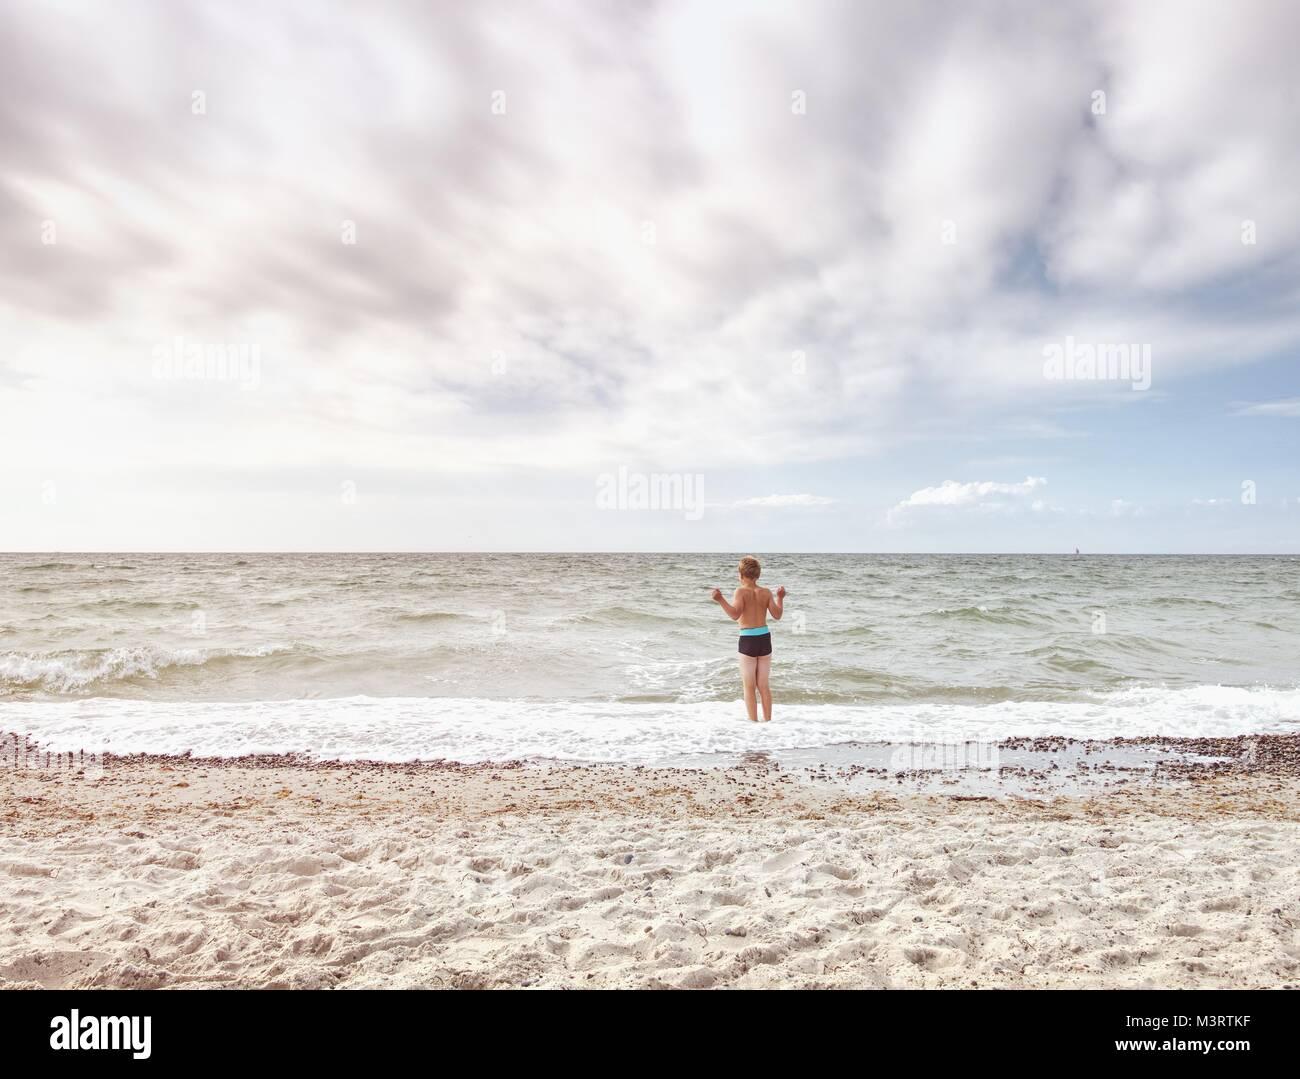 Cabello rubio niño permanecer en frío mar marea. Cabrito en playa de grava de espumosas olas. Día Imagen De Stock